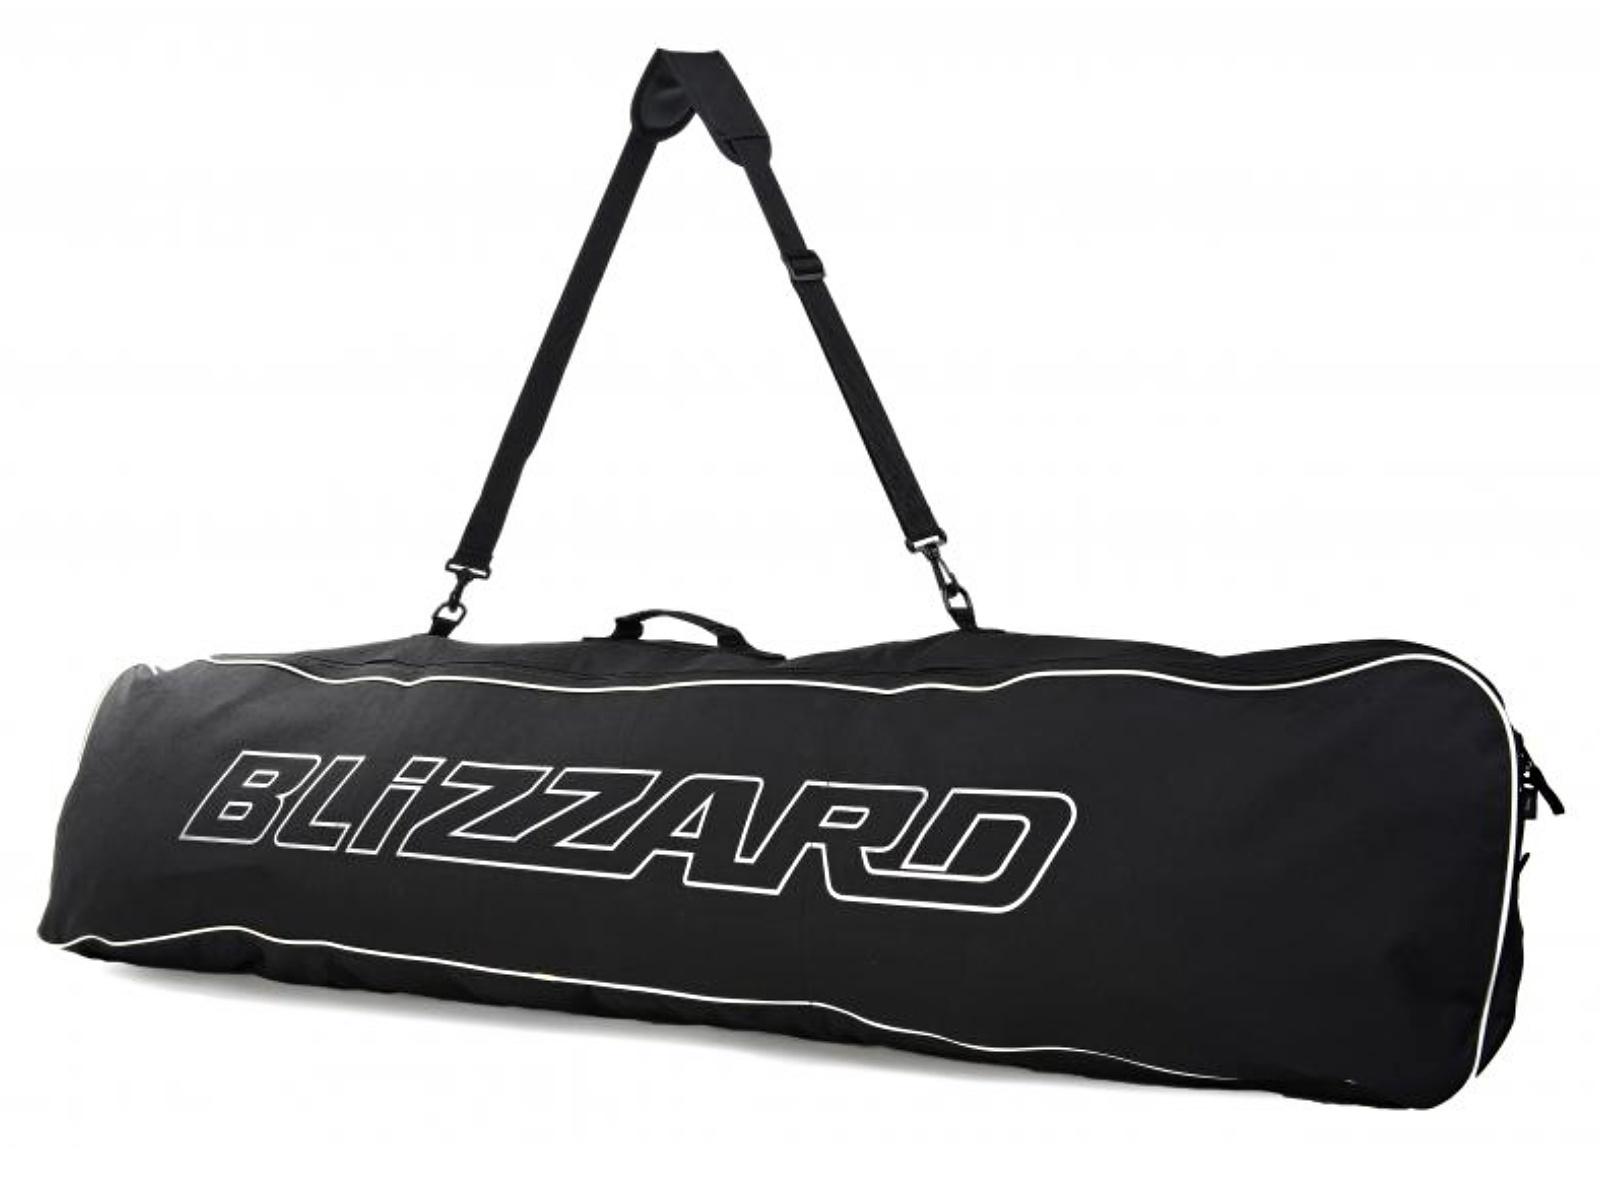 Obal na snowboard Blizzard